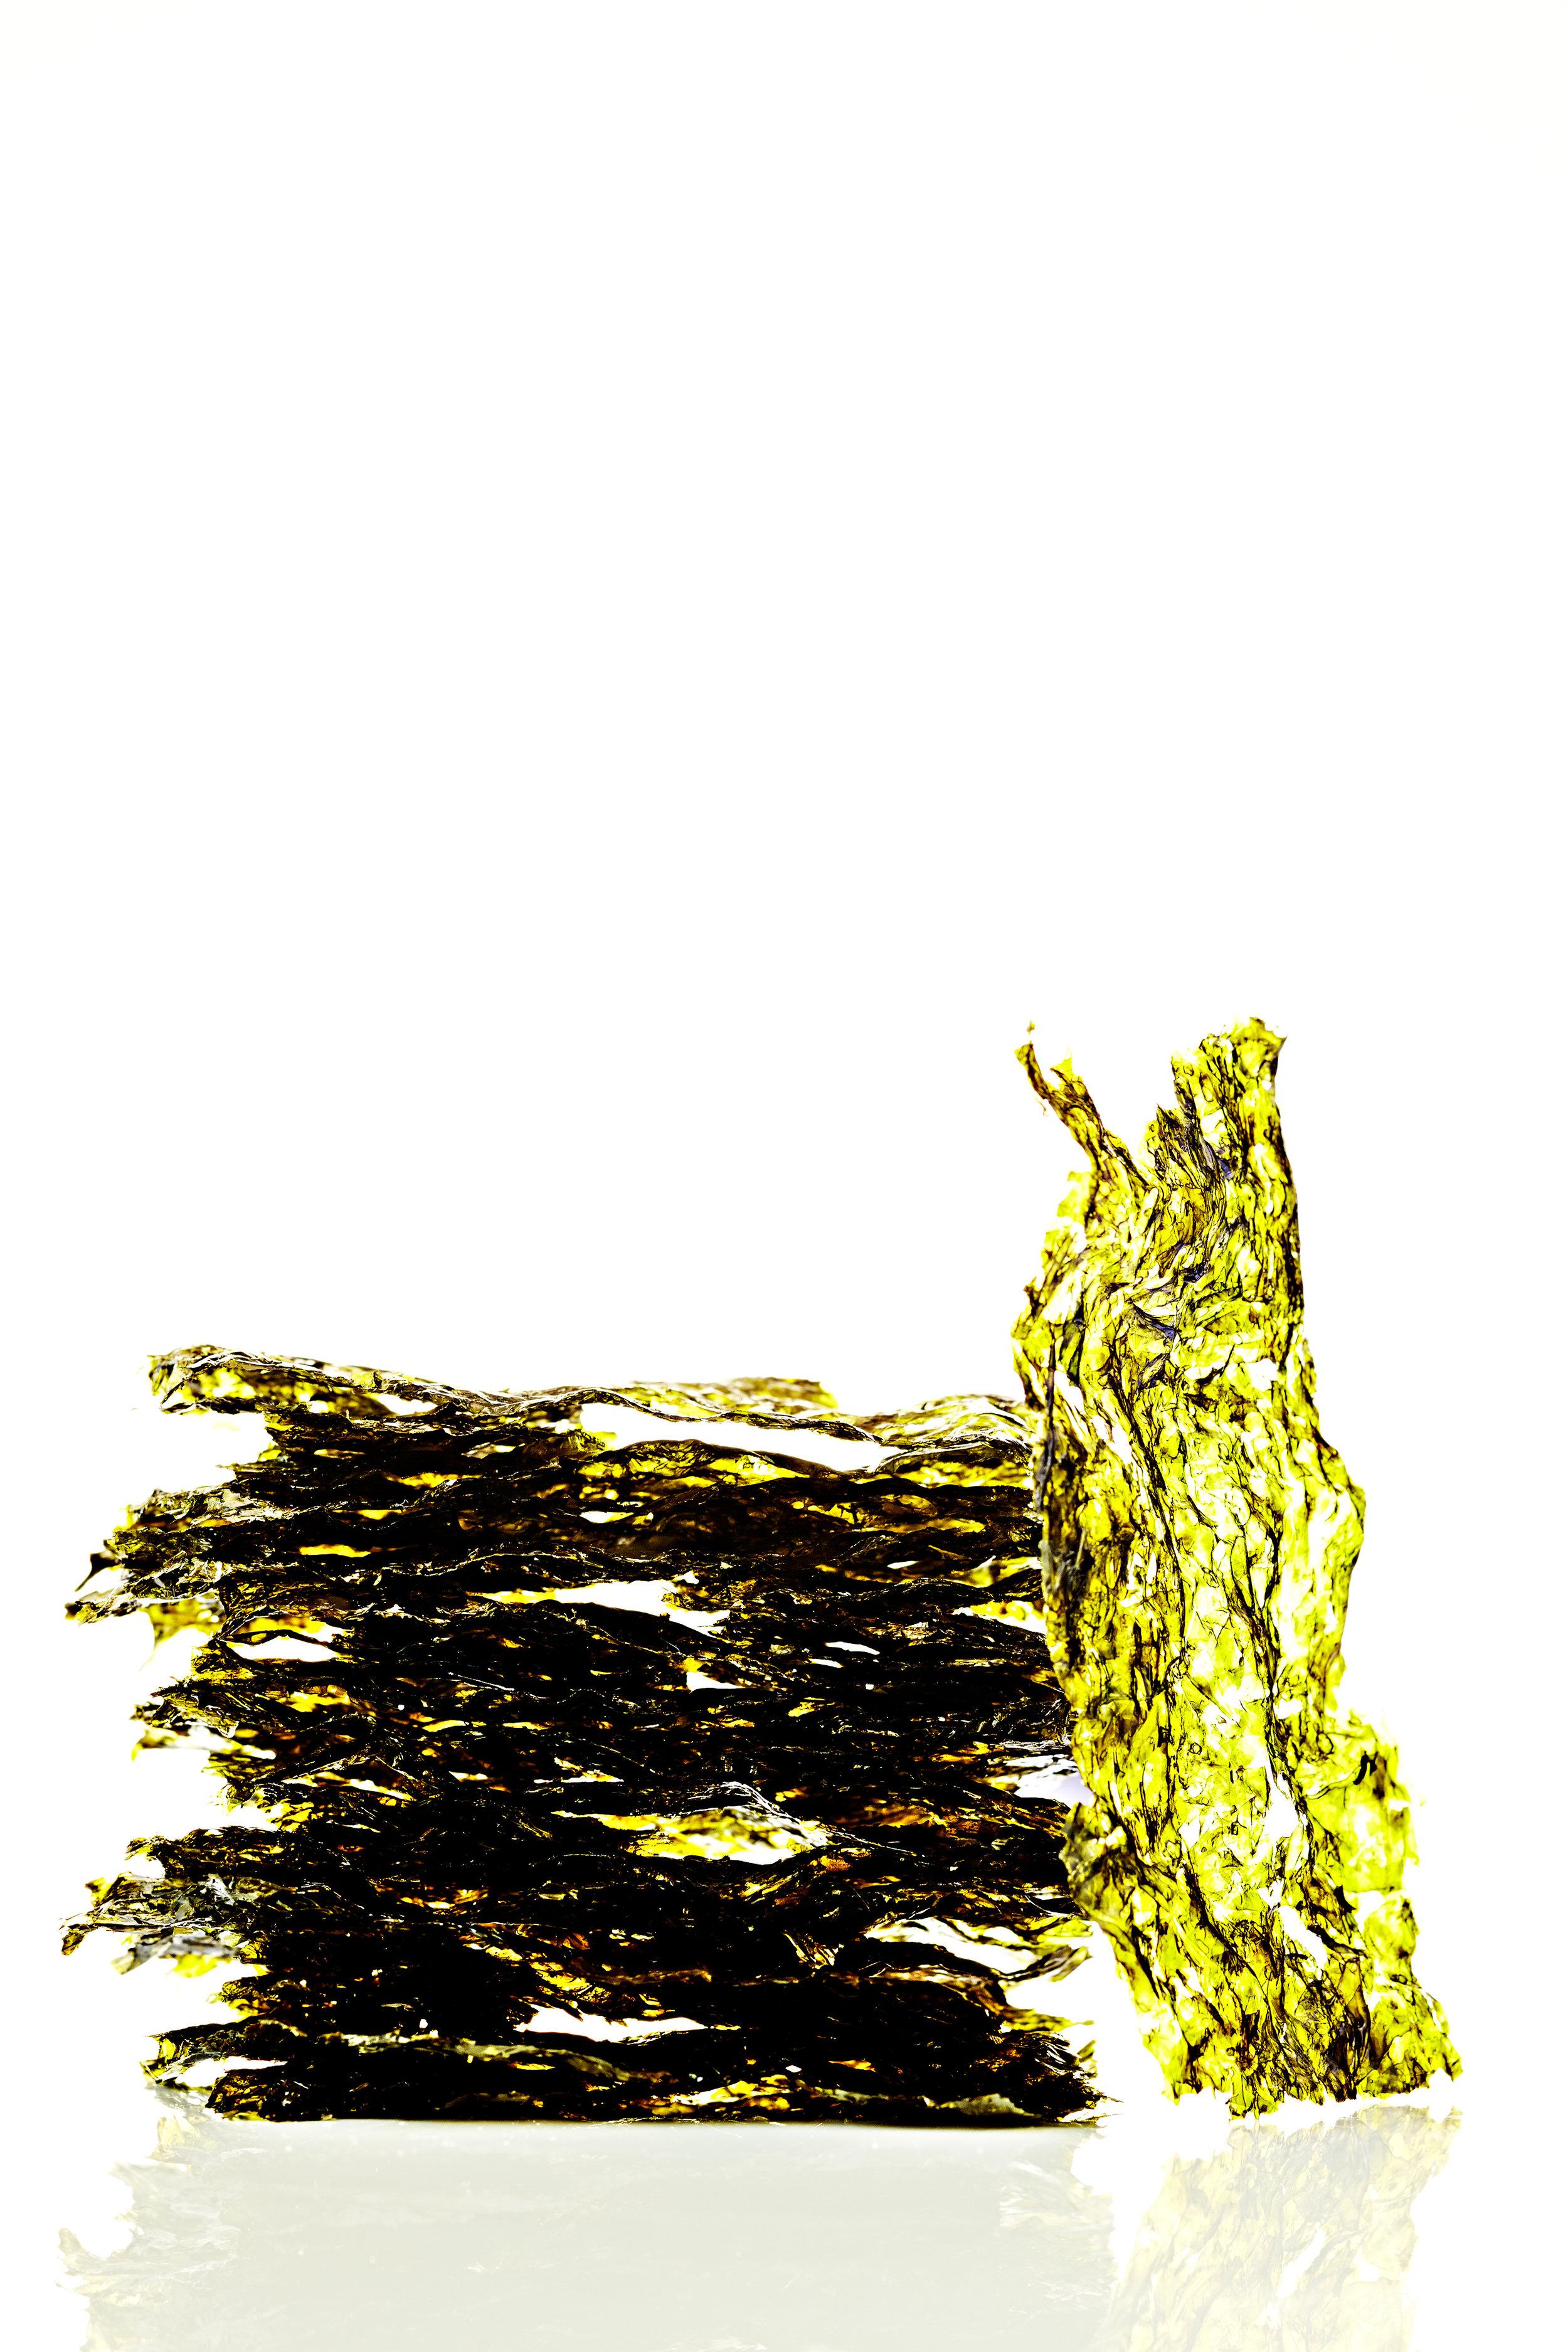 Roasted seaweed snacks  still-life on white